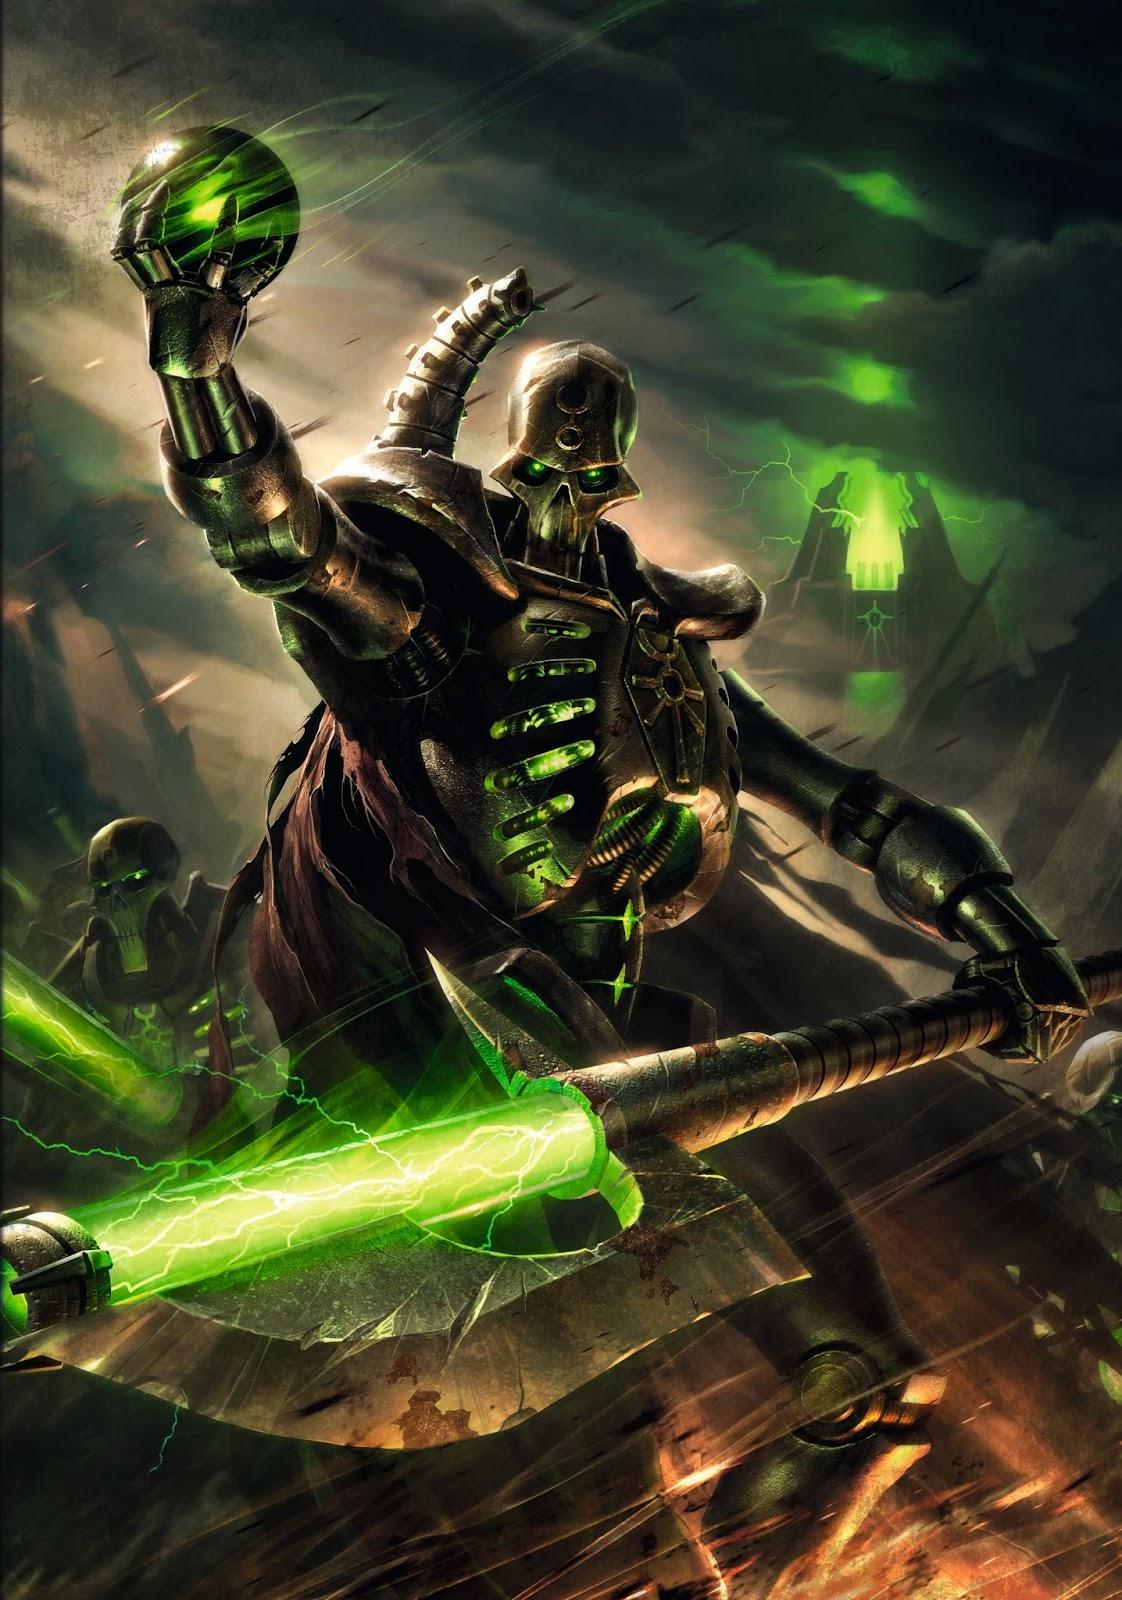 immortals game wallpaper